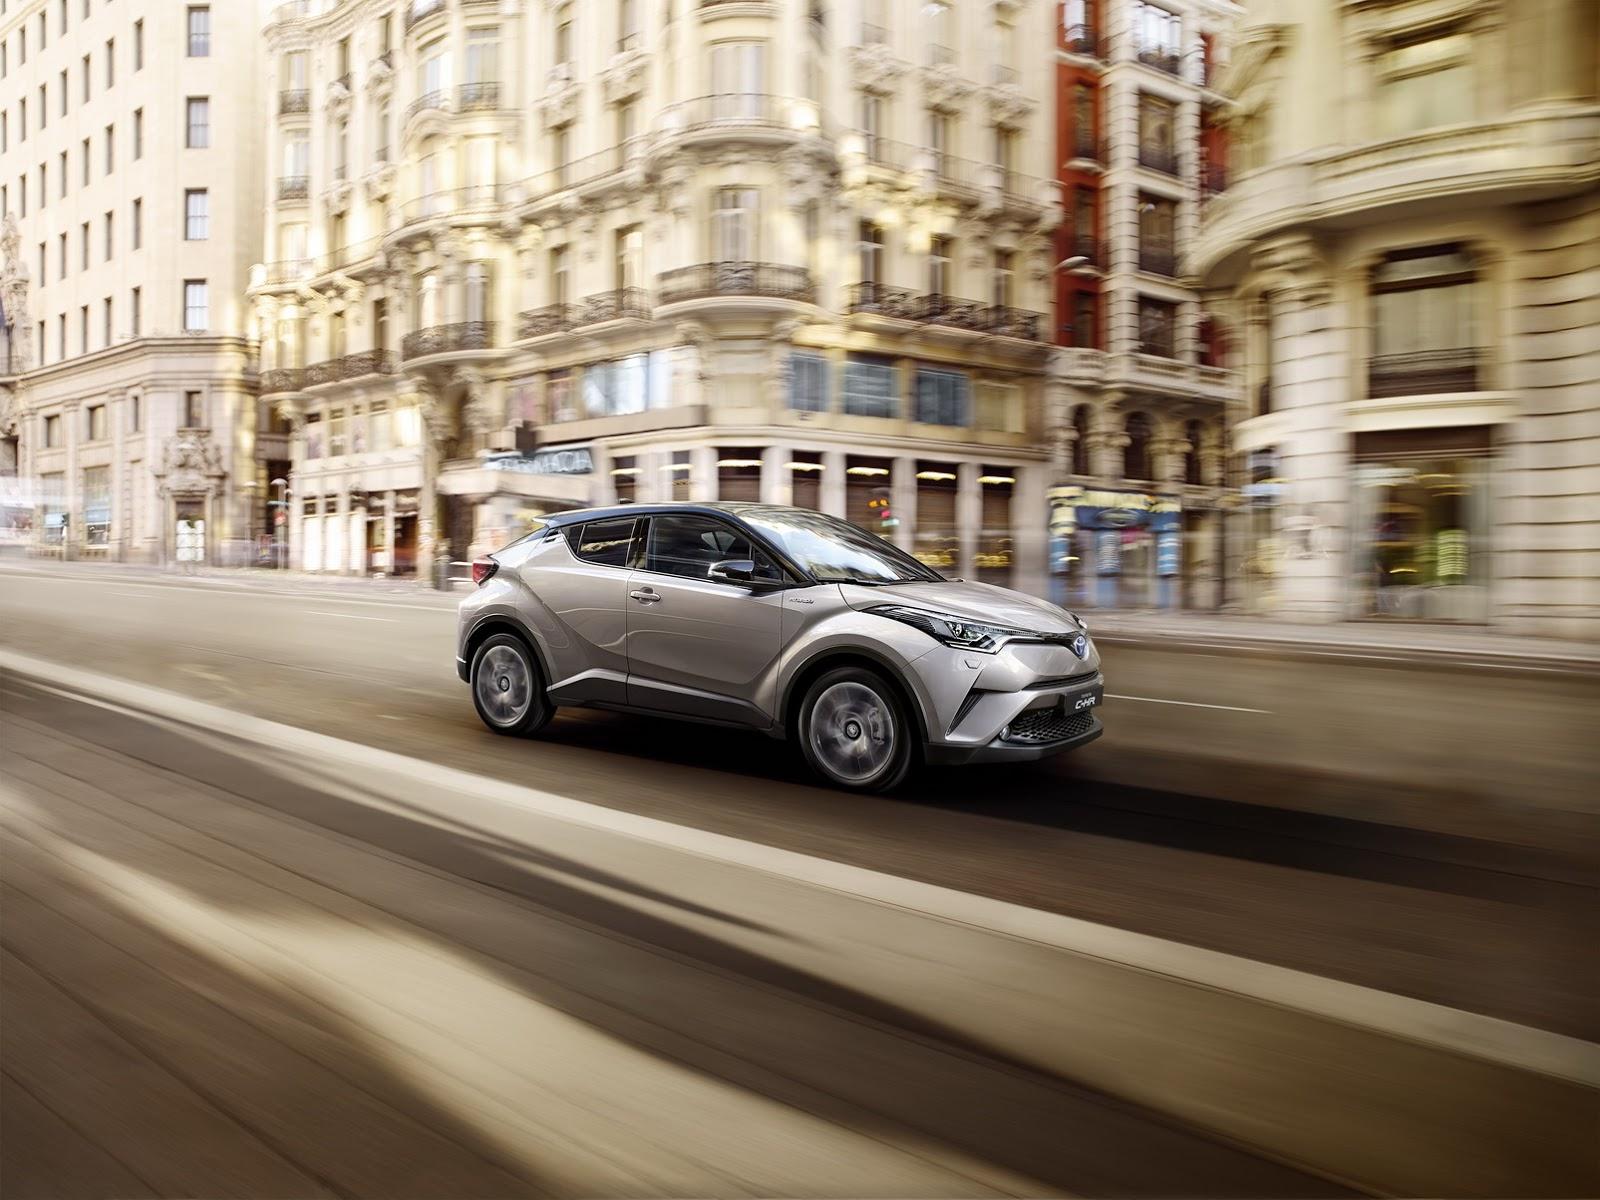 C-HR đánh dấu bước tiến của hãng Toyota trong phân khúc crossover cỡ nhỏ hiện đang cực hot với hàng loạt mẫu xe mới ra đời như Honda HR-V, Mazda CX-3, Nissan Juke, Buick Encore và Opel Mokka.